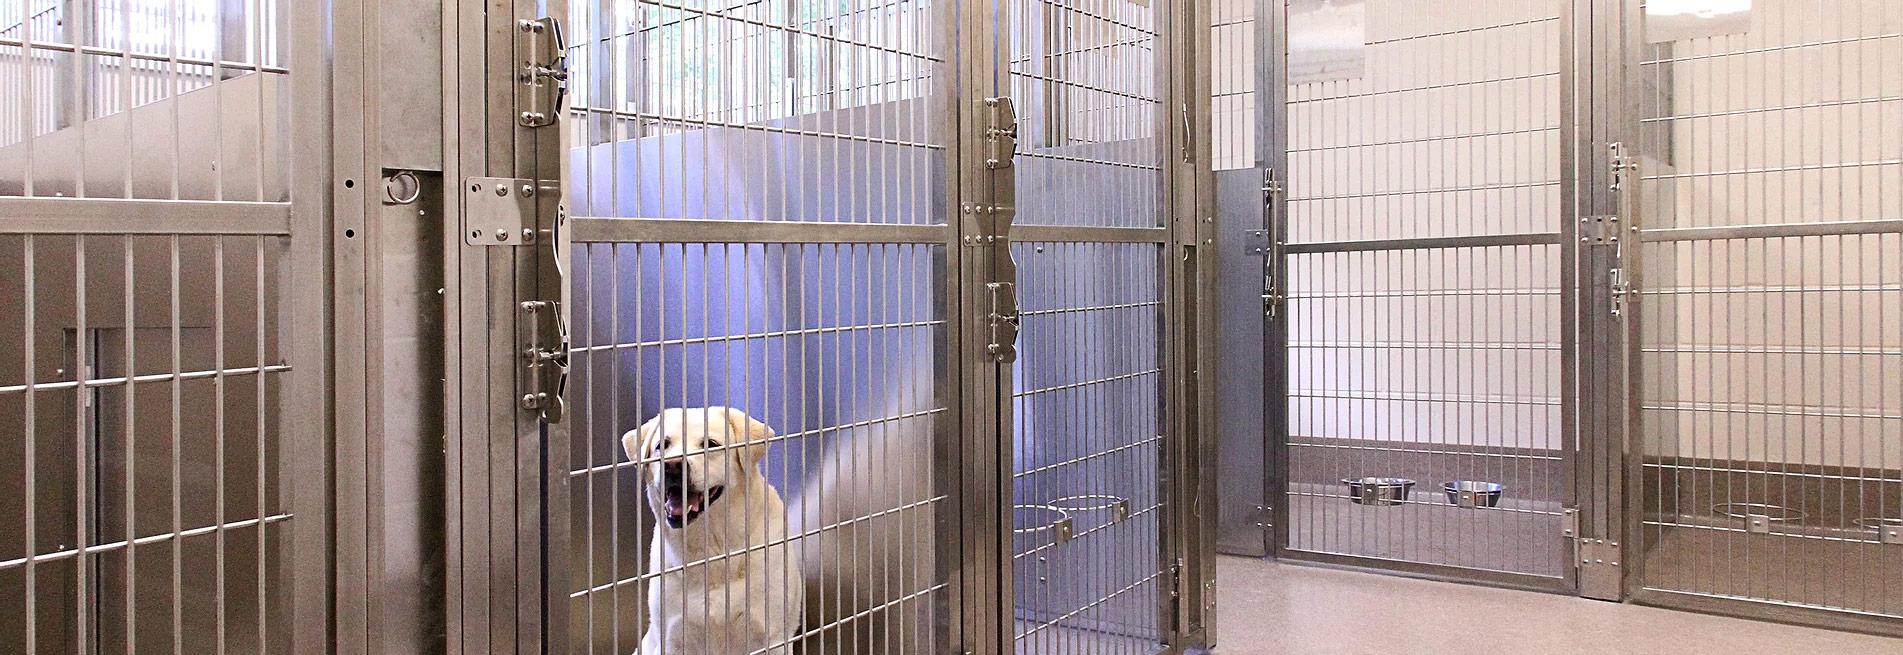 Bridgewater shelter dog